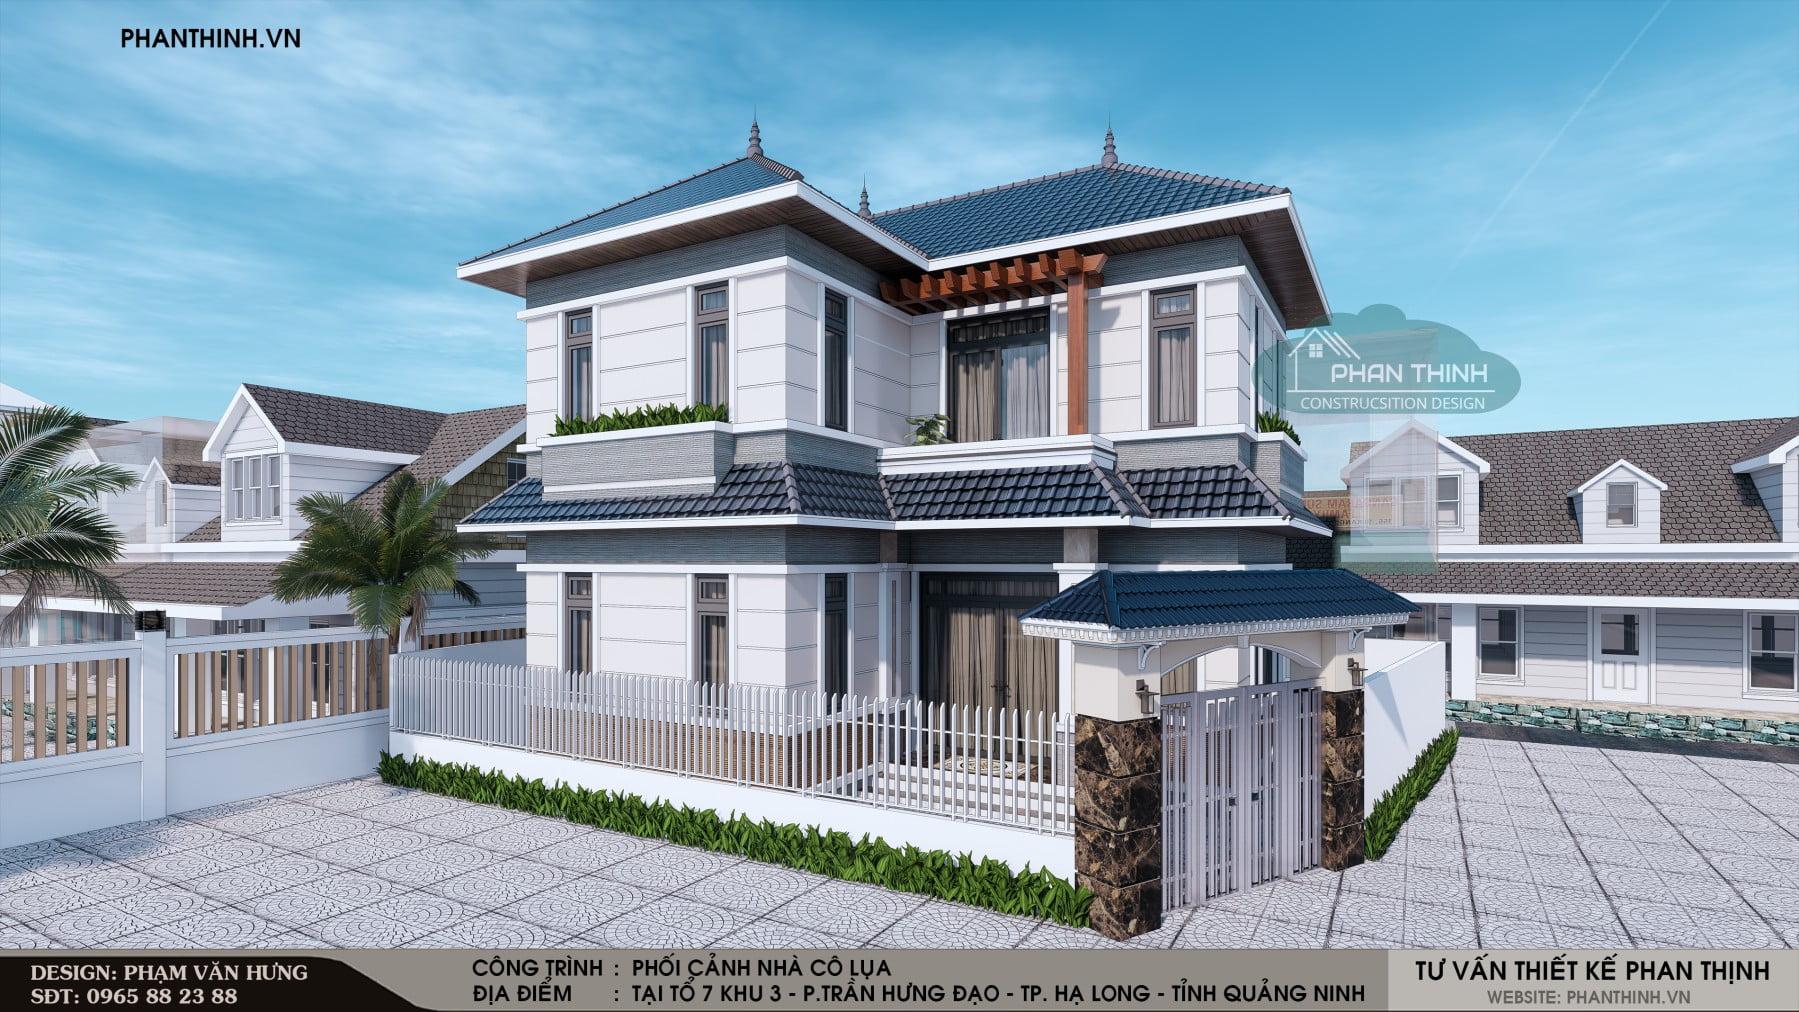 Phương án 1: Thiết kế phối cảnh nhà cô Lụa 2 tầng mái thái tại Quảng Ninh